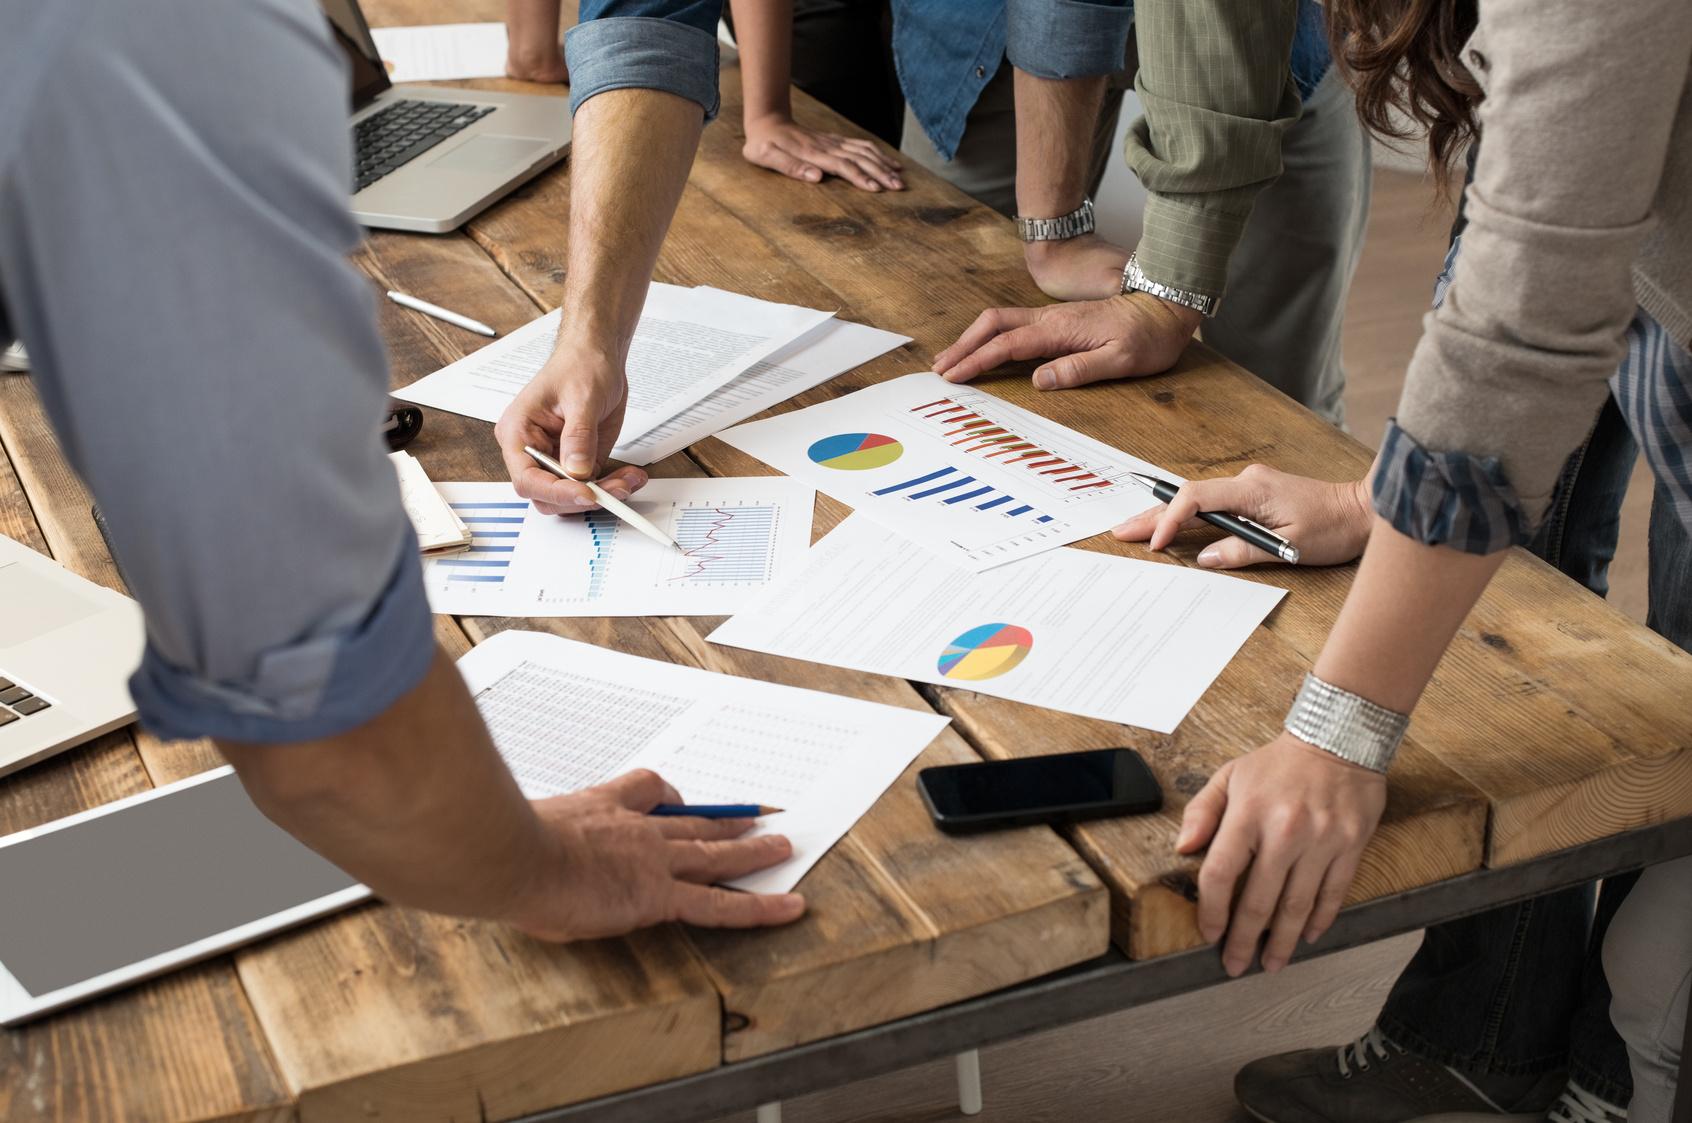 IP BOX. Narzędzie wspierające innowacyjność wśród przedsiębiorców. Część II